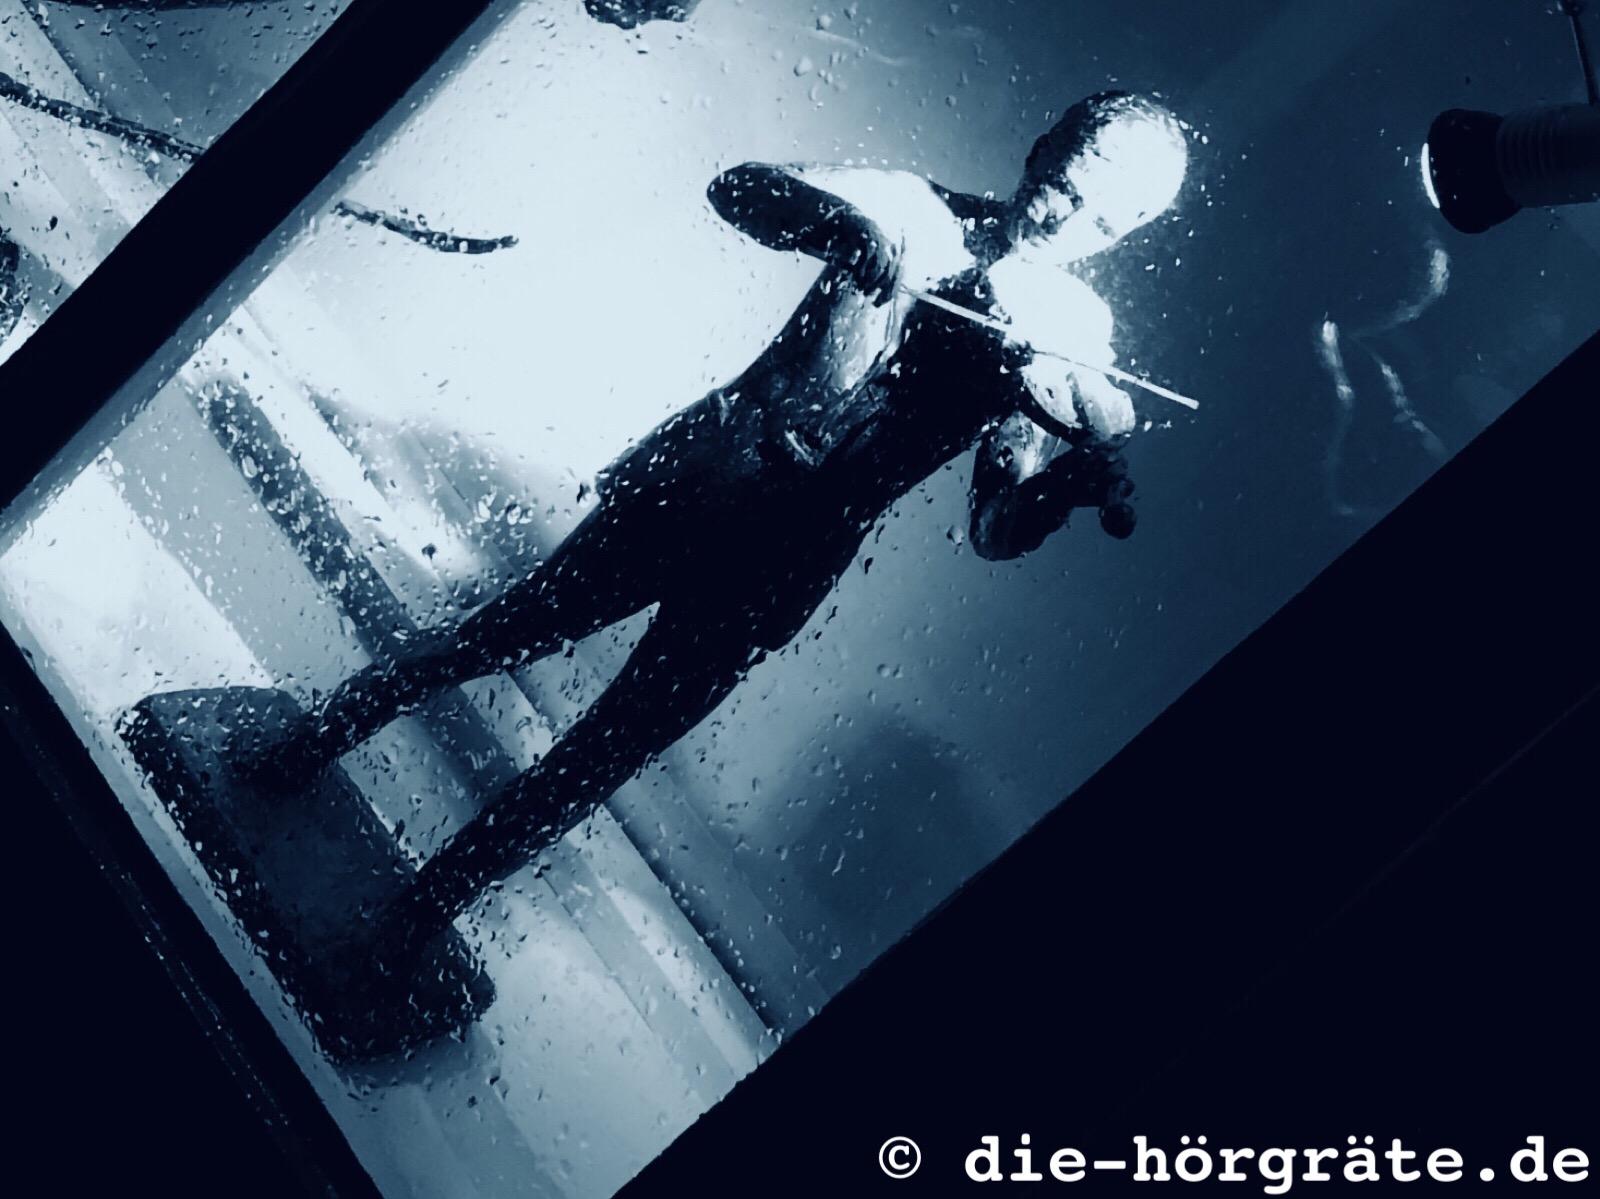 die Plastik eines kleinen Geigers, der halb im Schatten hinter einem Fenster steht und von einem Spot angestrahlt wird, auf der Fensterscheibe sind Regentropfen